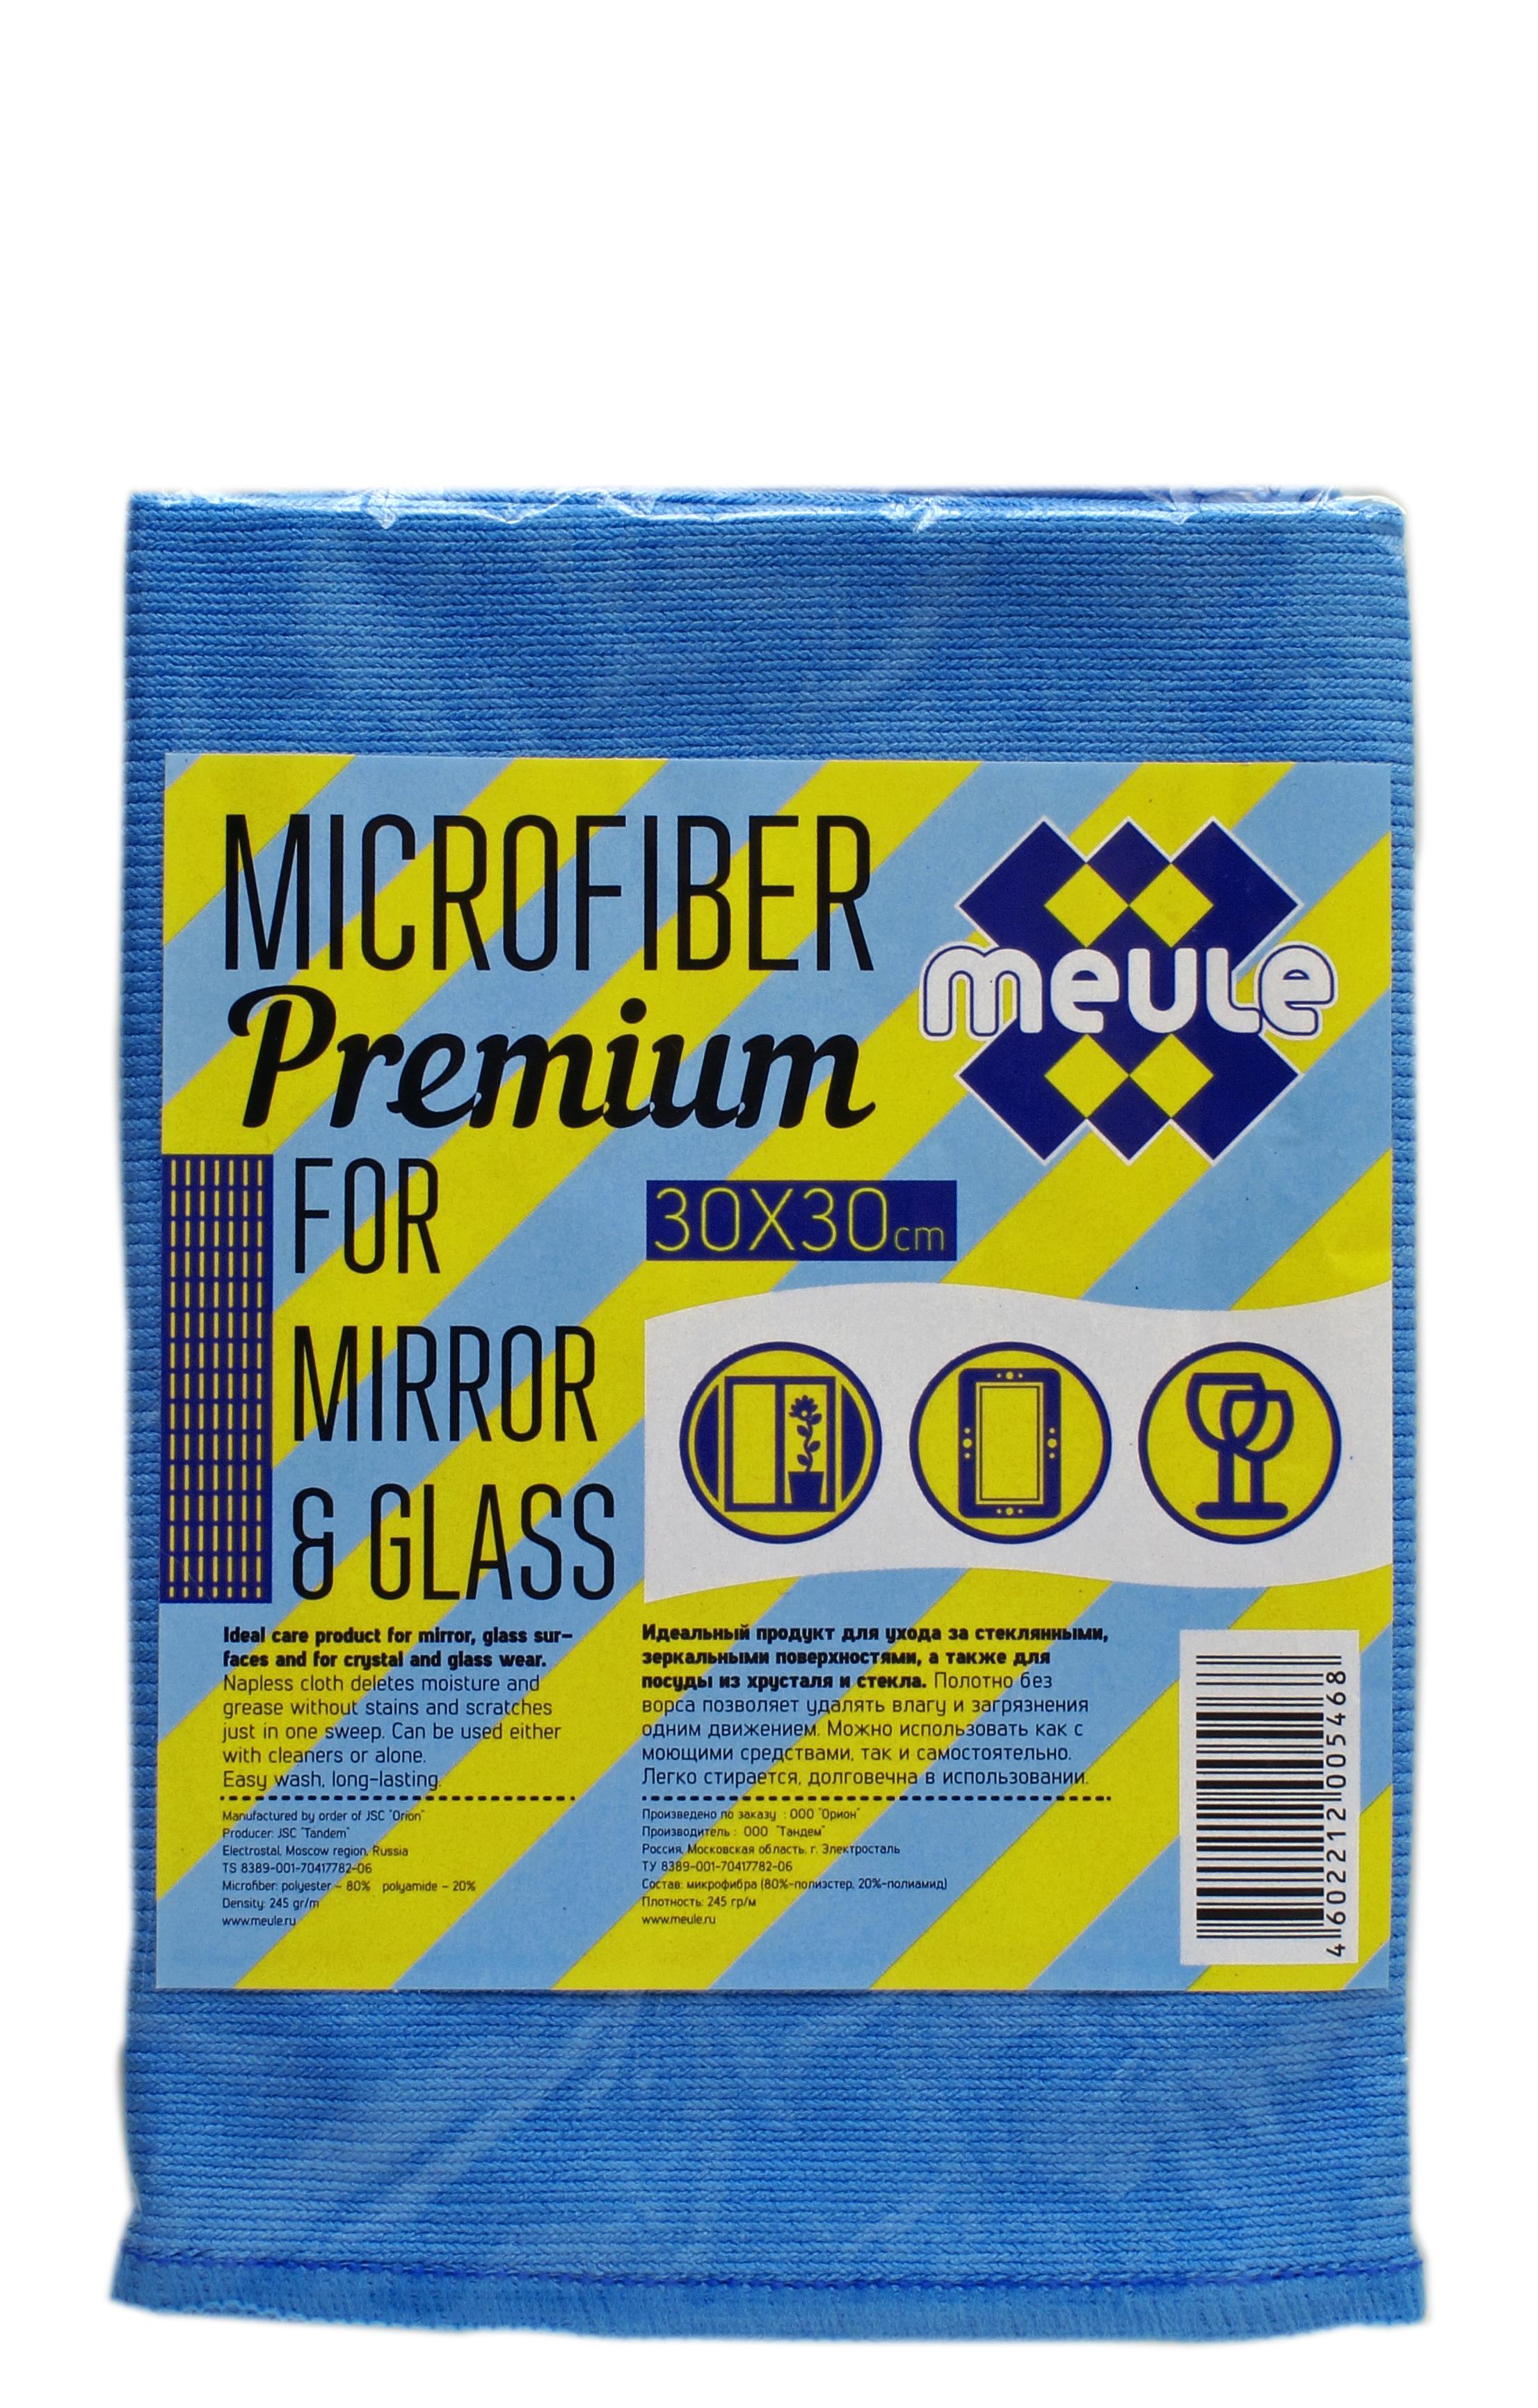 Салфетка Meule, для уборки стеклянных и зеркальных поверхностей, 30 х 30 см салфетка для ухода за стеклянными поверхностями smart glass из микрофибры 30 х 30 см